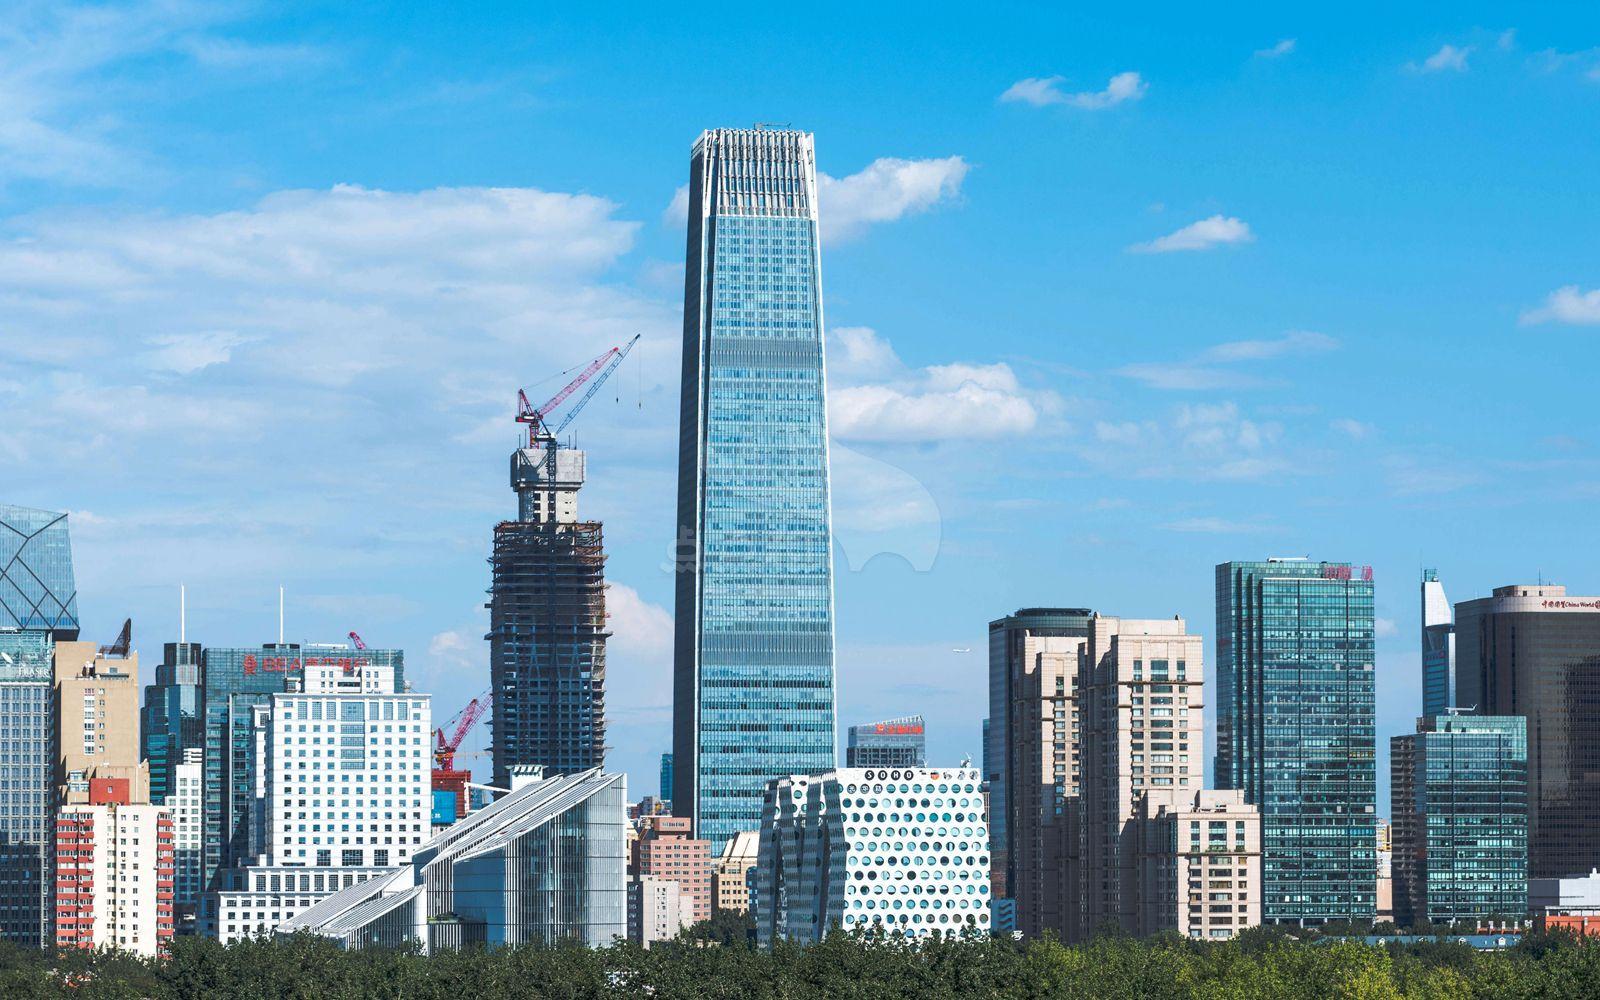 国贸三期(中国国际贸易中心第三期)